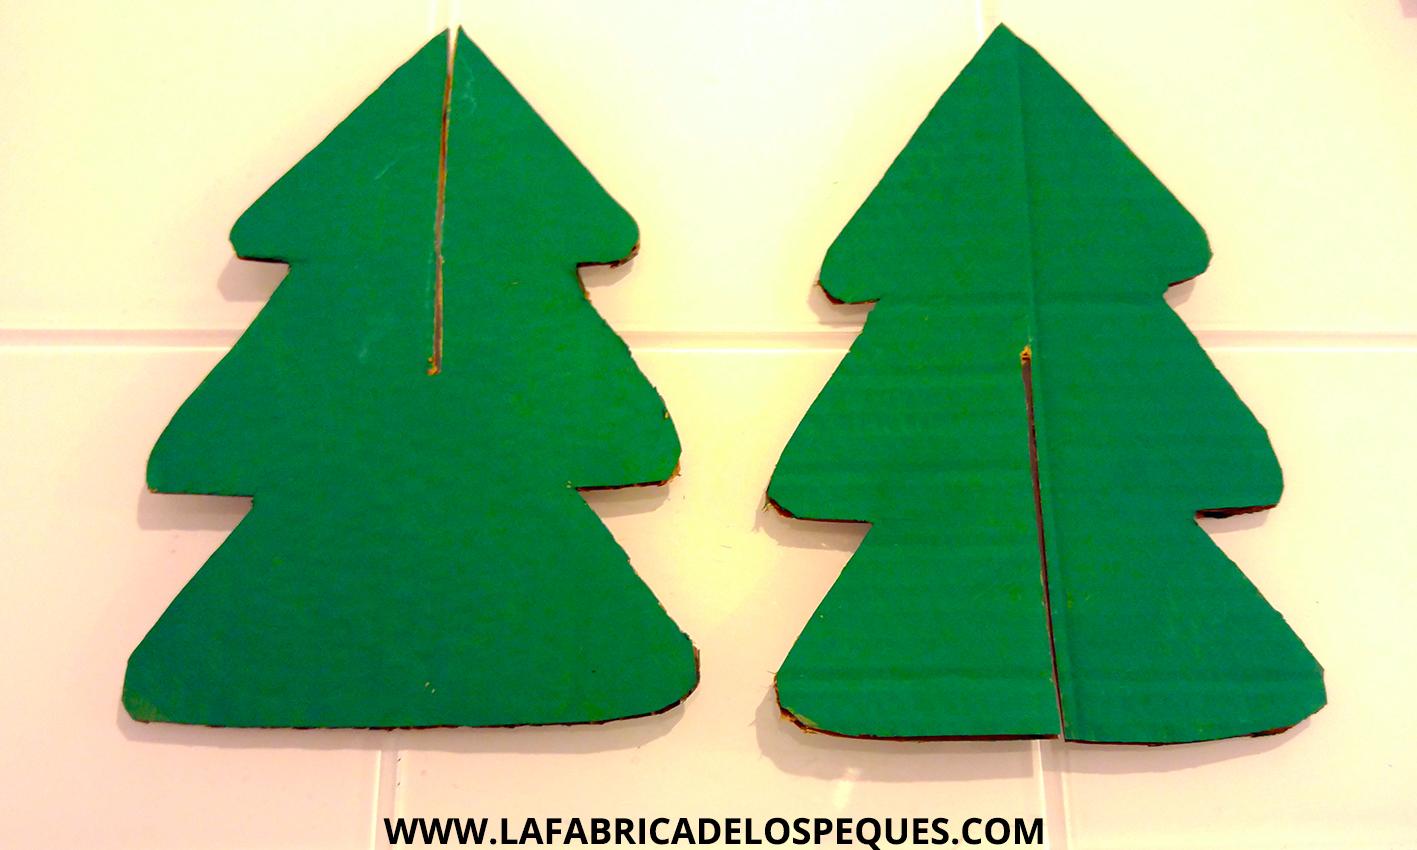 rbol navidad cartn - Arbol De Navidad De Carton